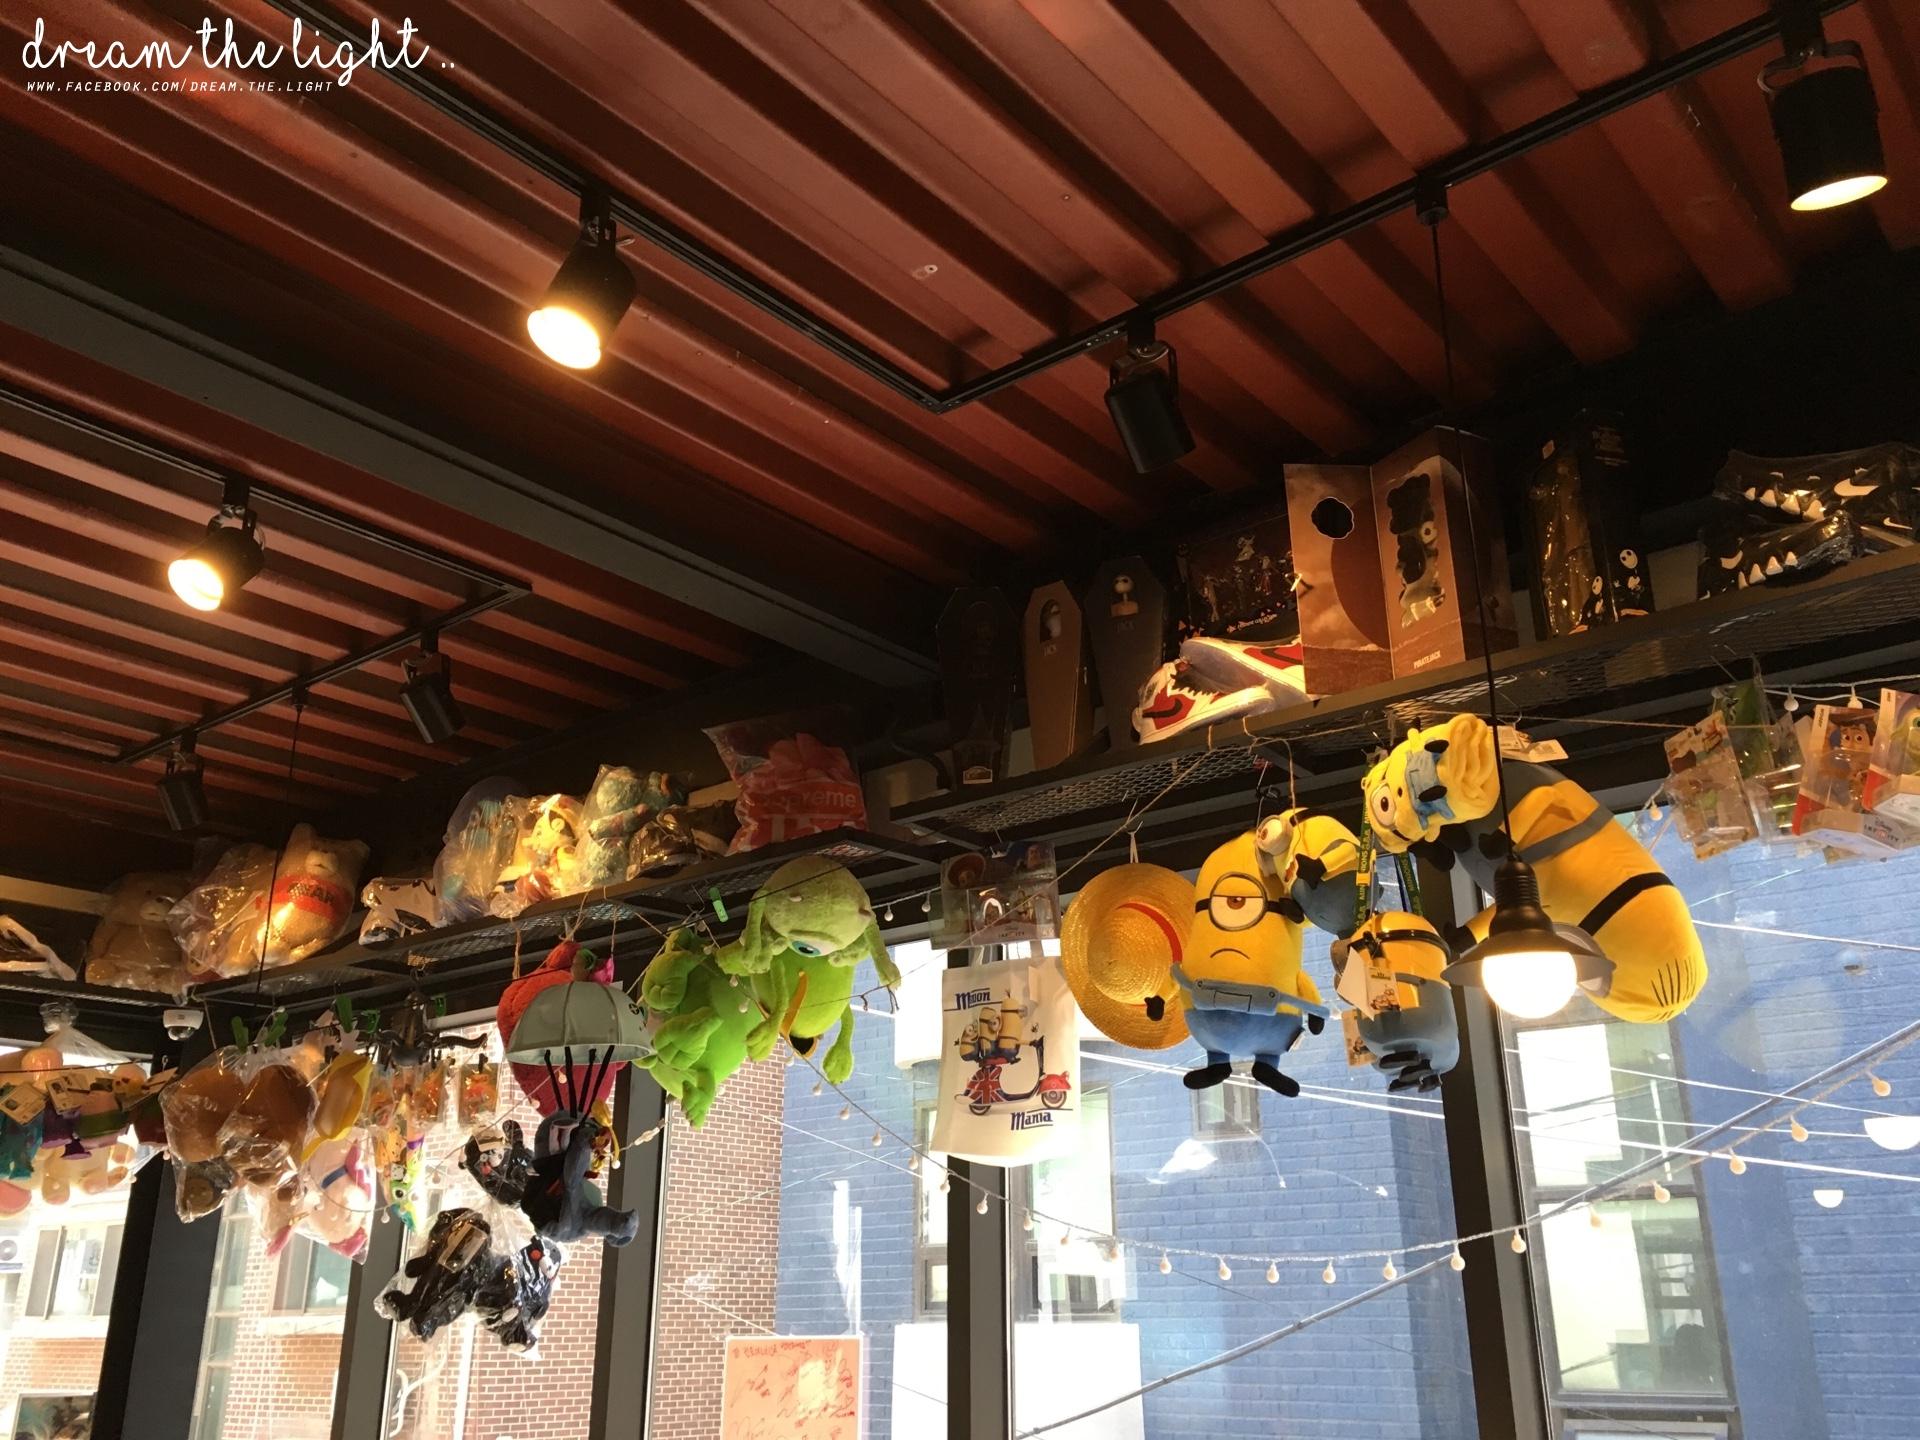 CONTOYNER 其實是在上水站和弘大站之間,咖啡廳的一二樓充滿玩具和公仔,老闆也會不時進貨,所以每次去可能都會有不一樣的感覺。  ◆ CONTOYNER (상수역 컨토이너) 마포구 와우산로13길 49-9(地鐵弘大站、上水站)